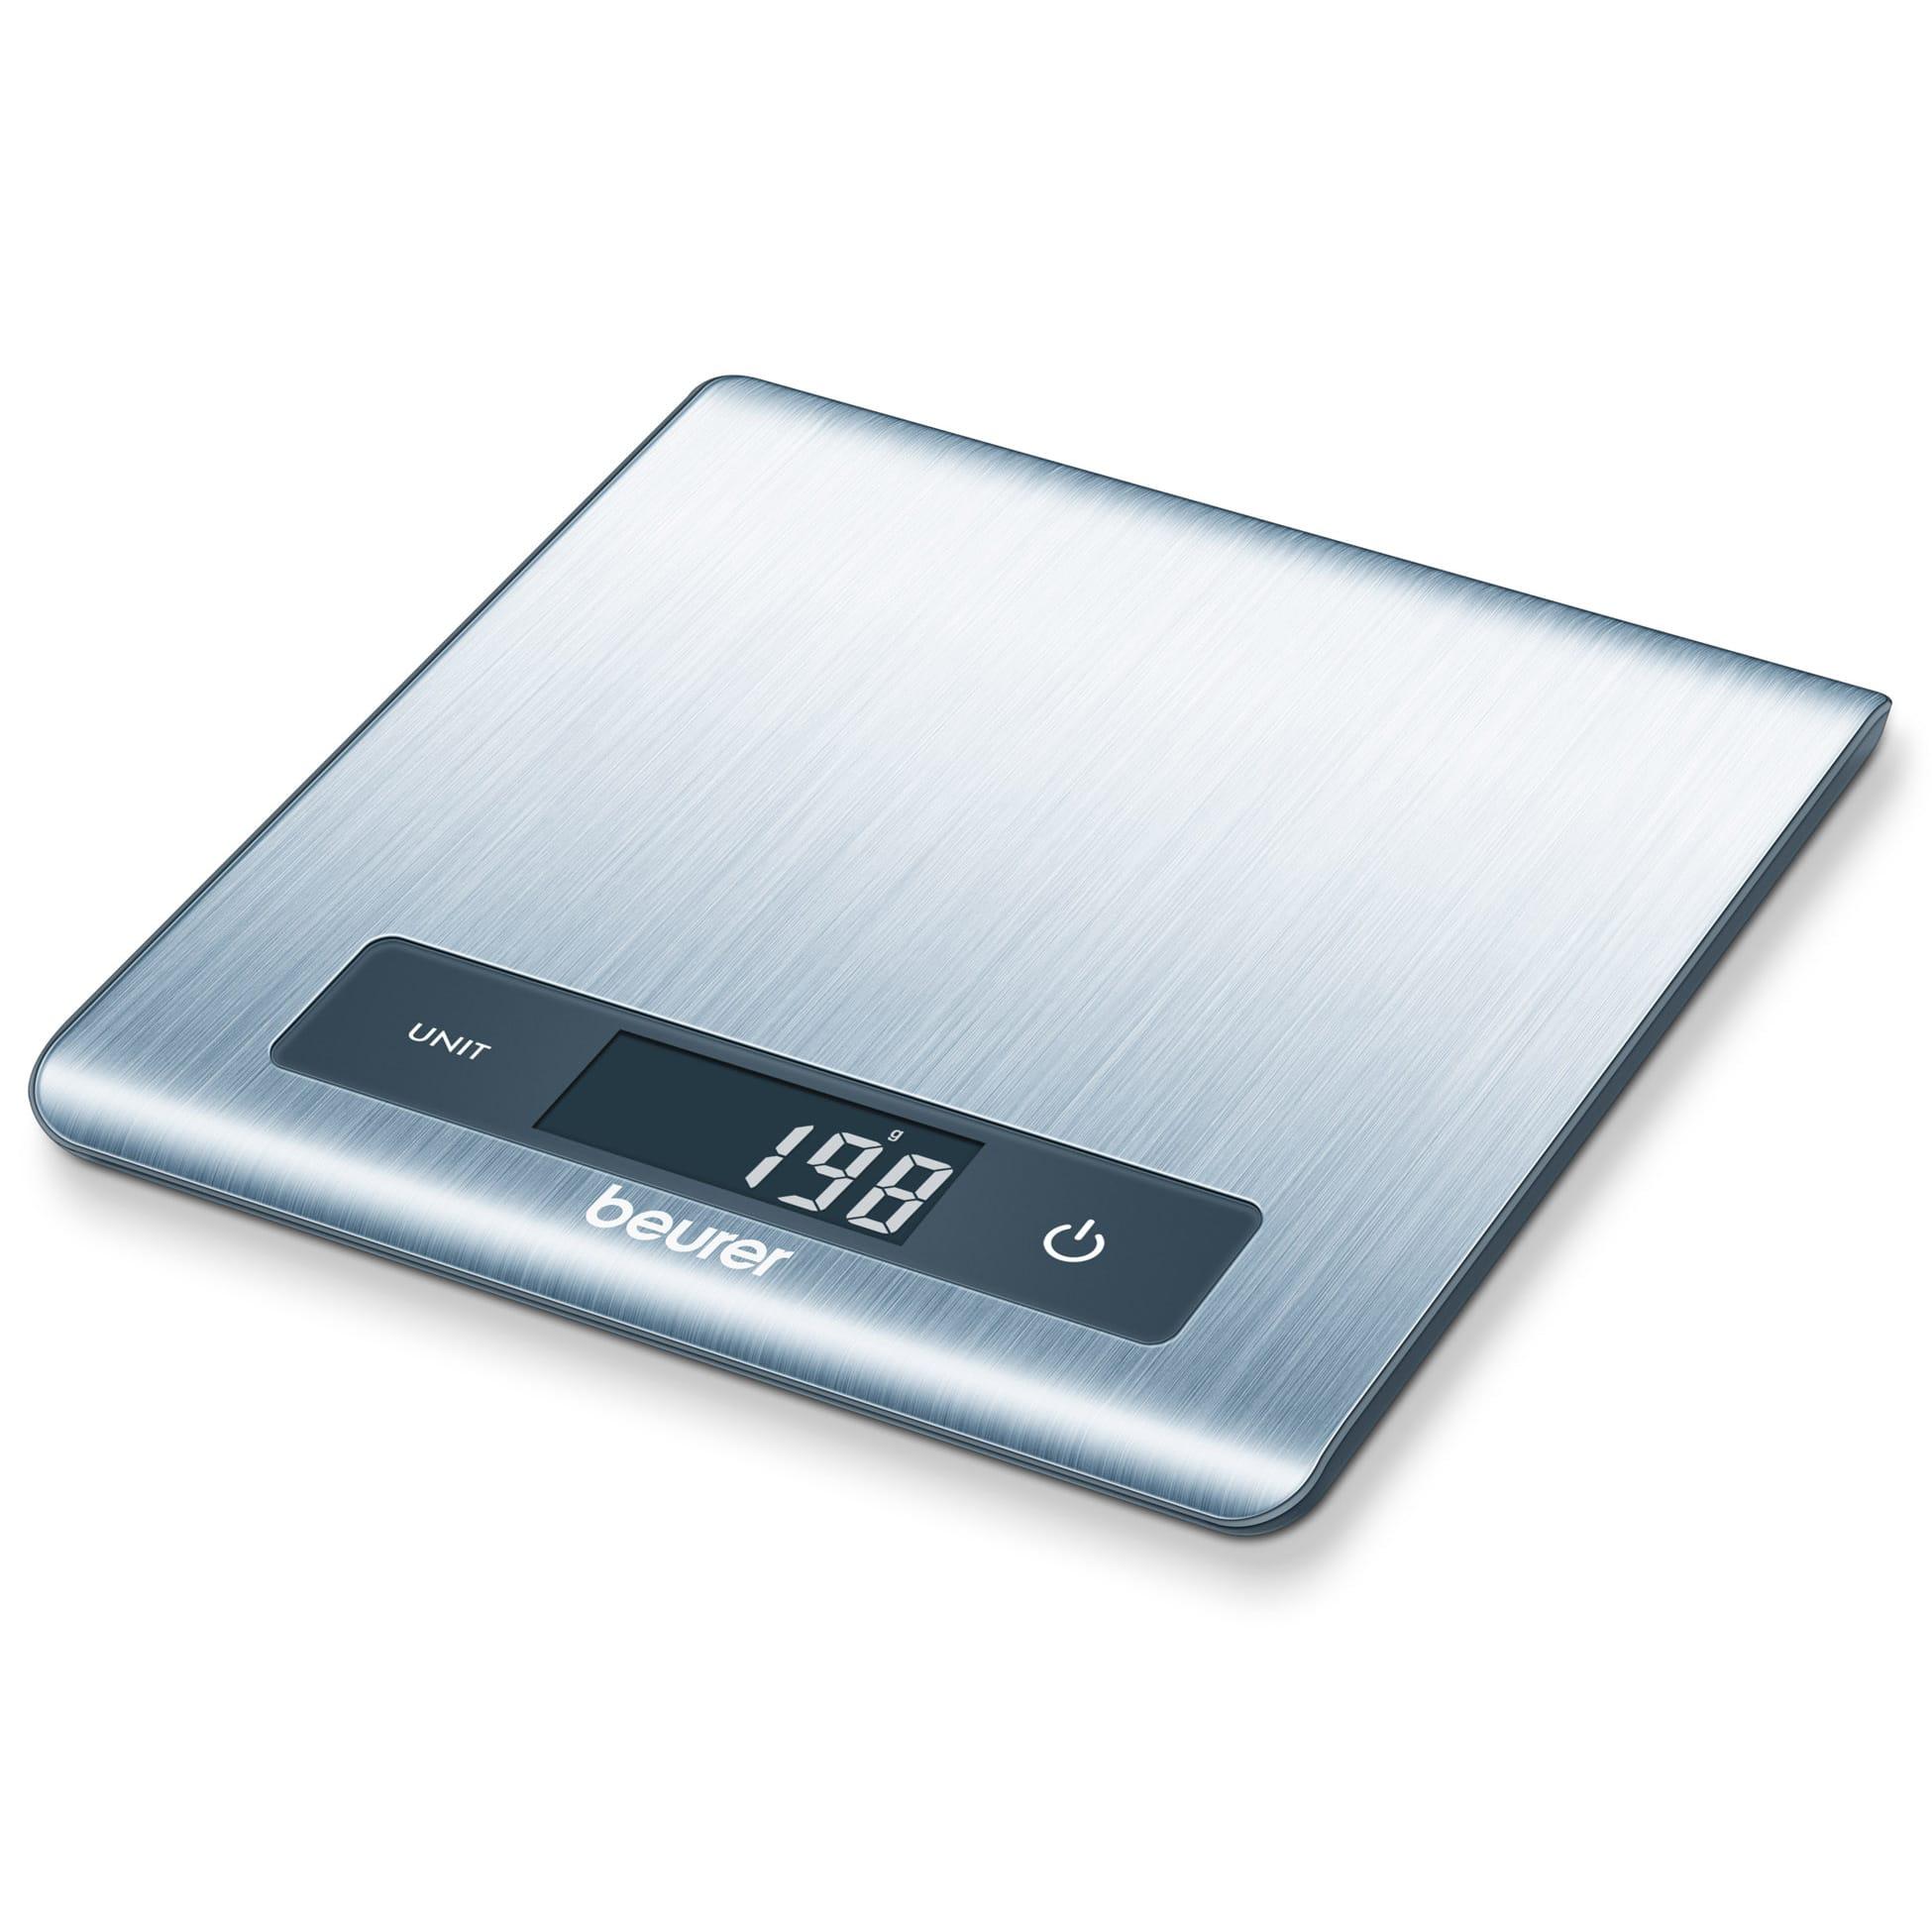 Vejer op til 5 kg i g, ml og oz